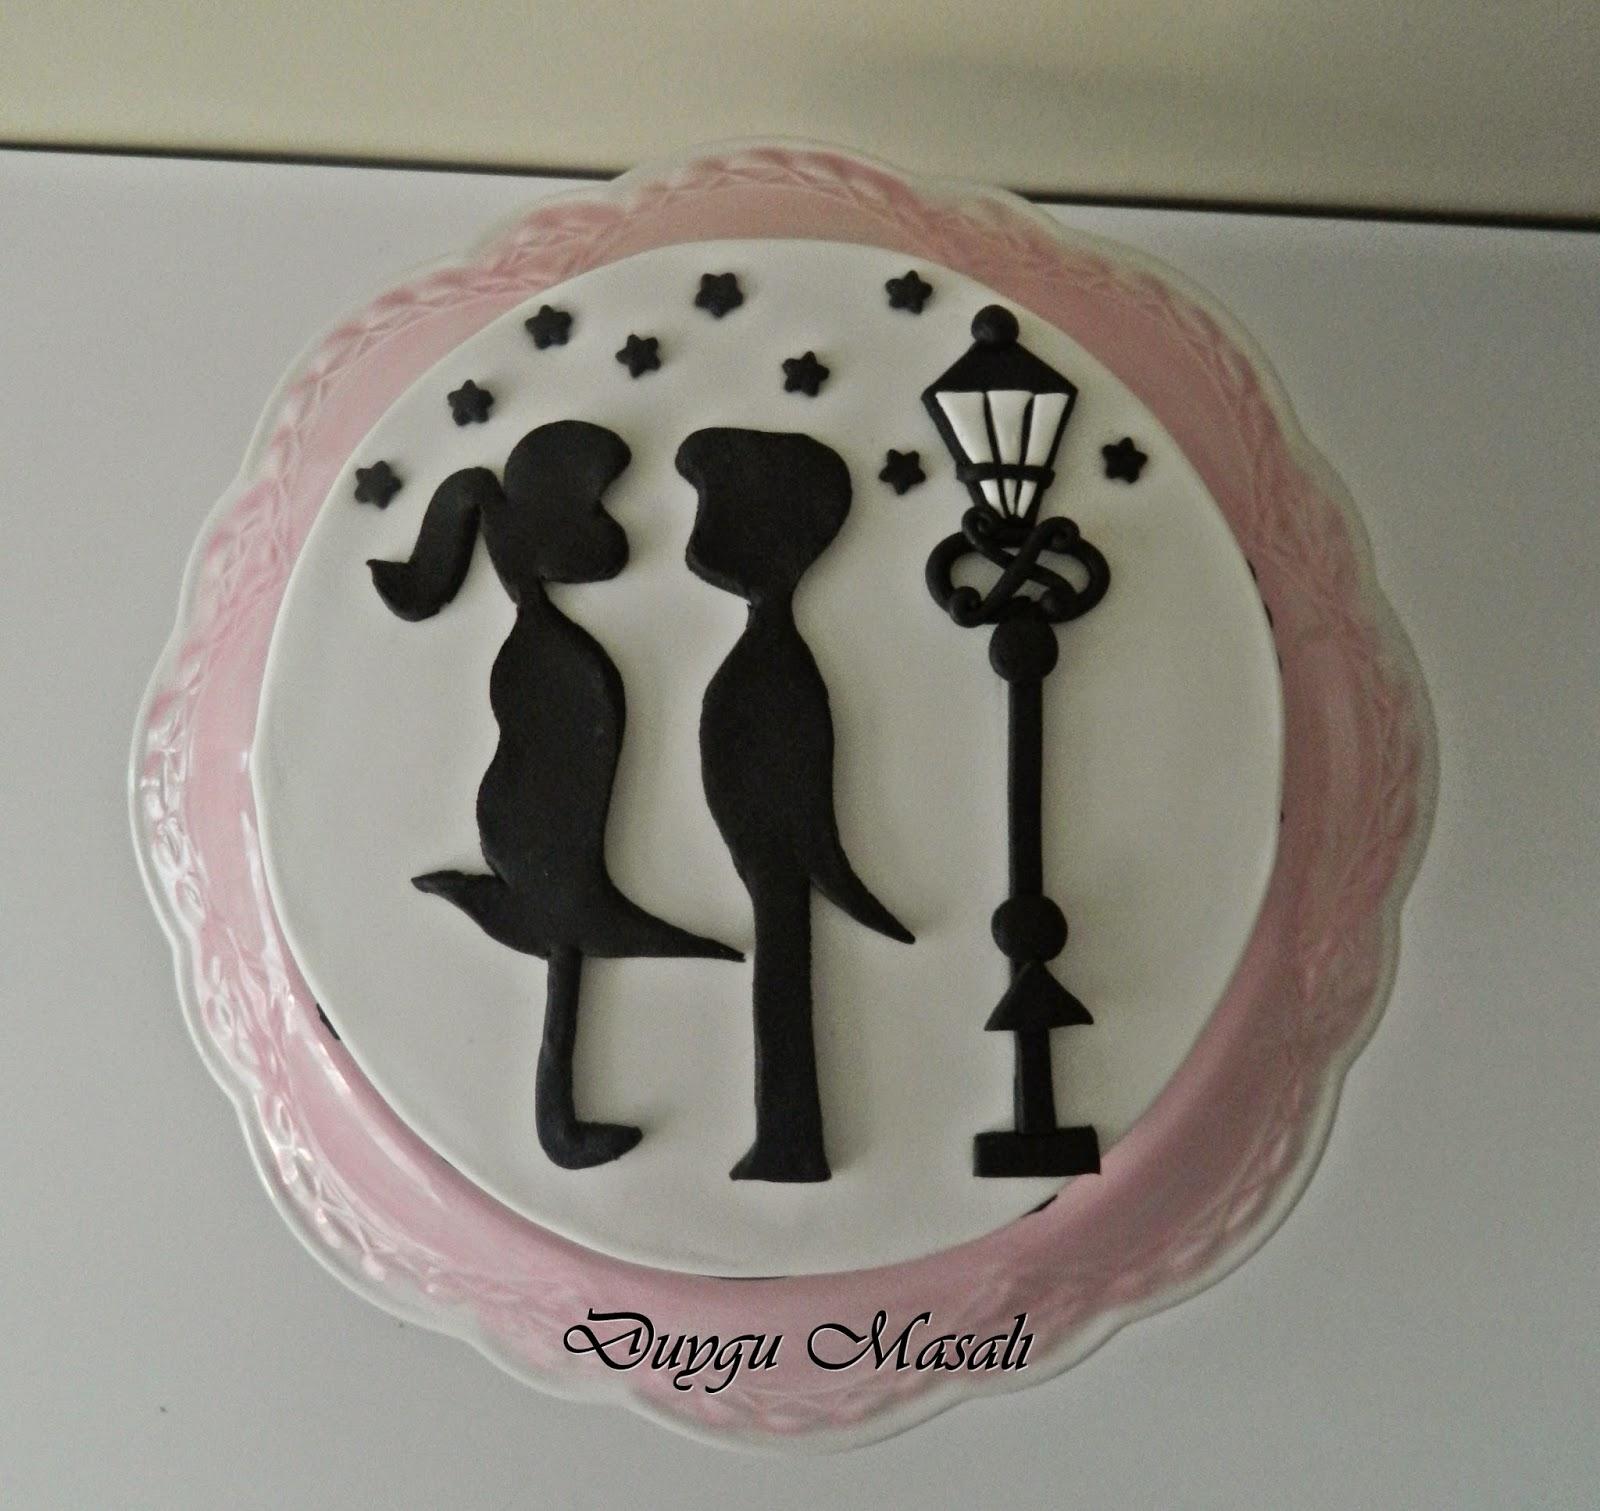 siyah beyaz pasta